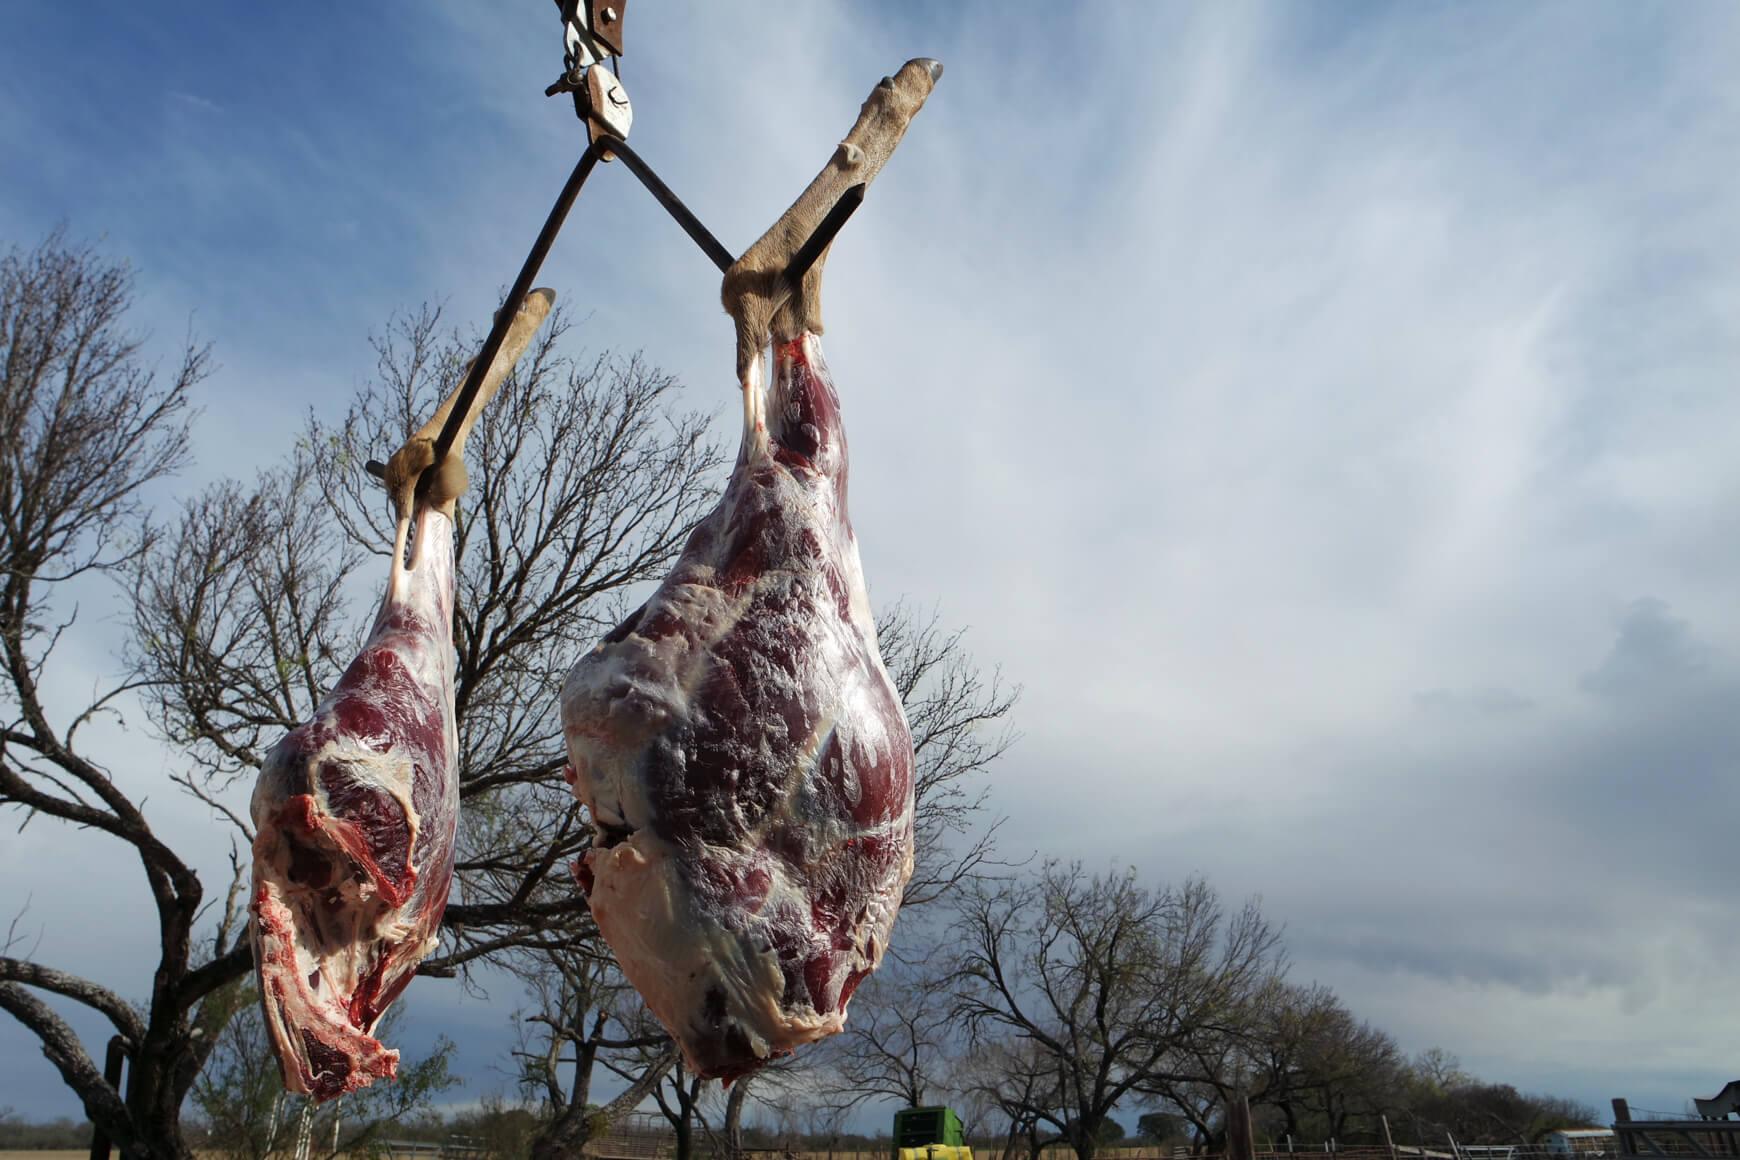 deer hams waiting to be processed